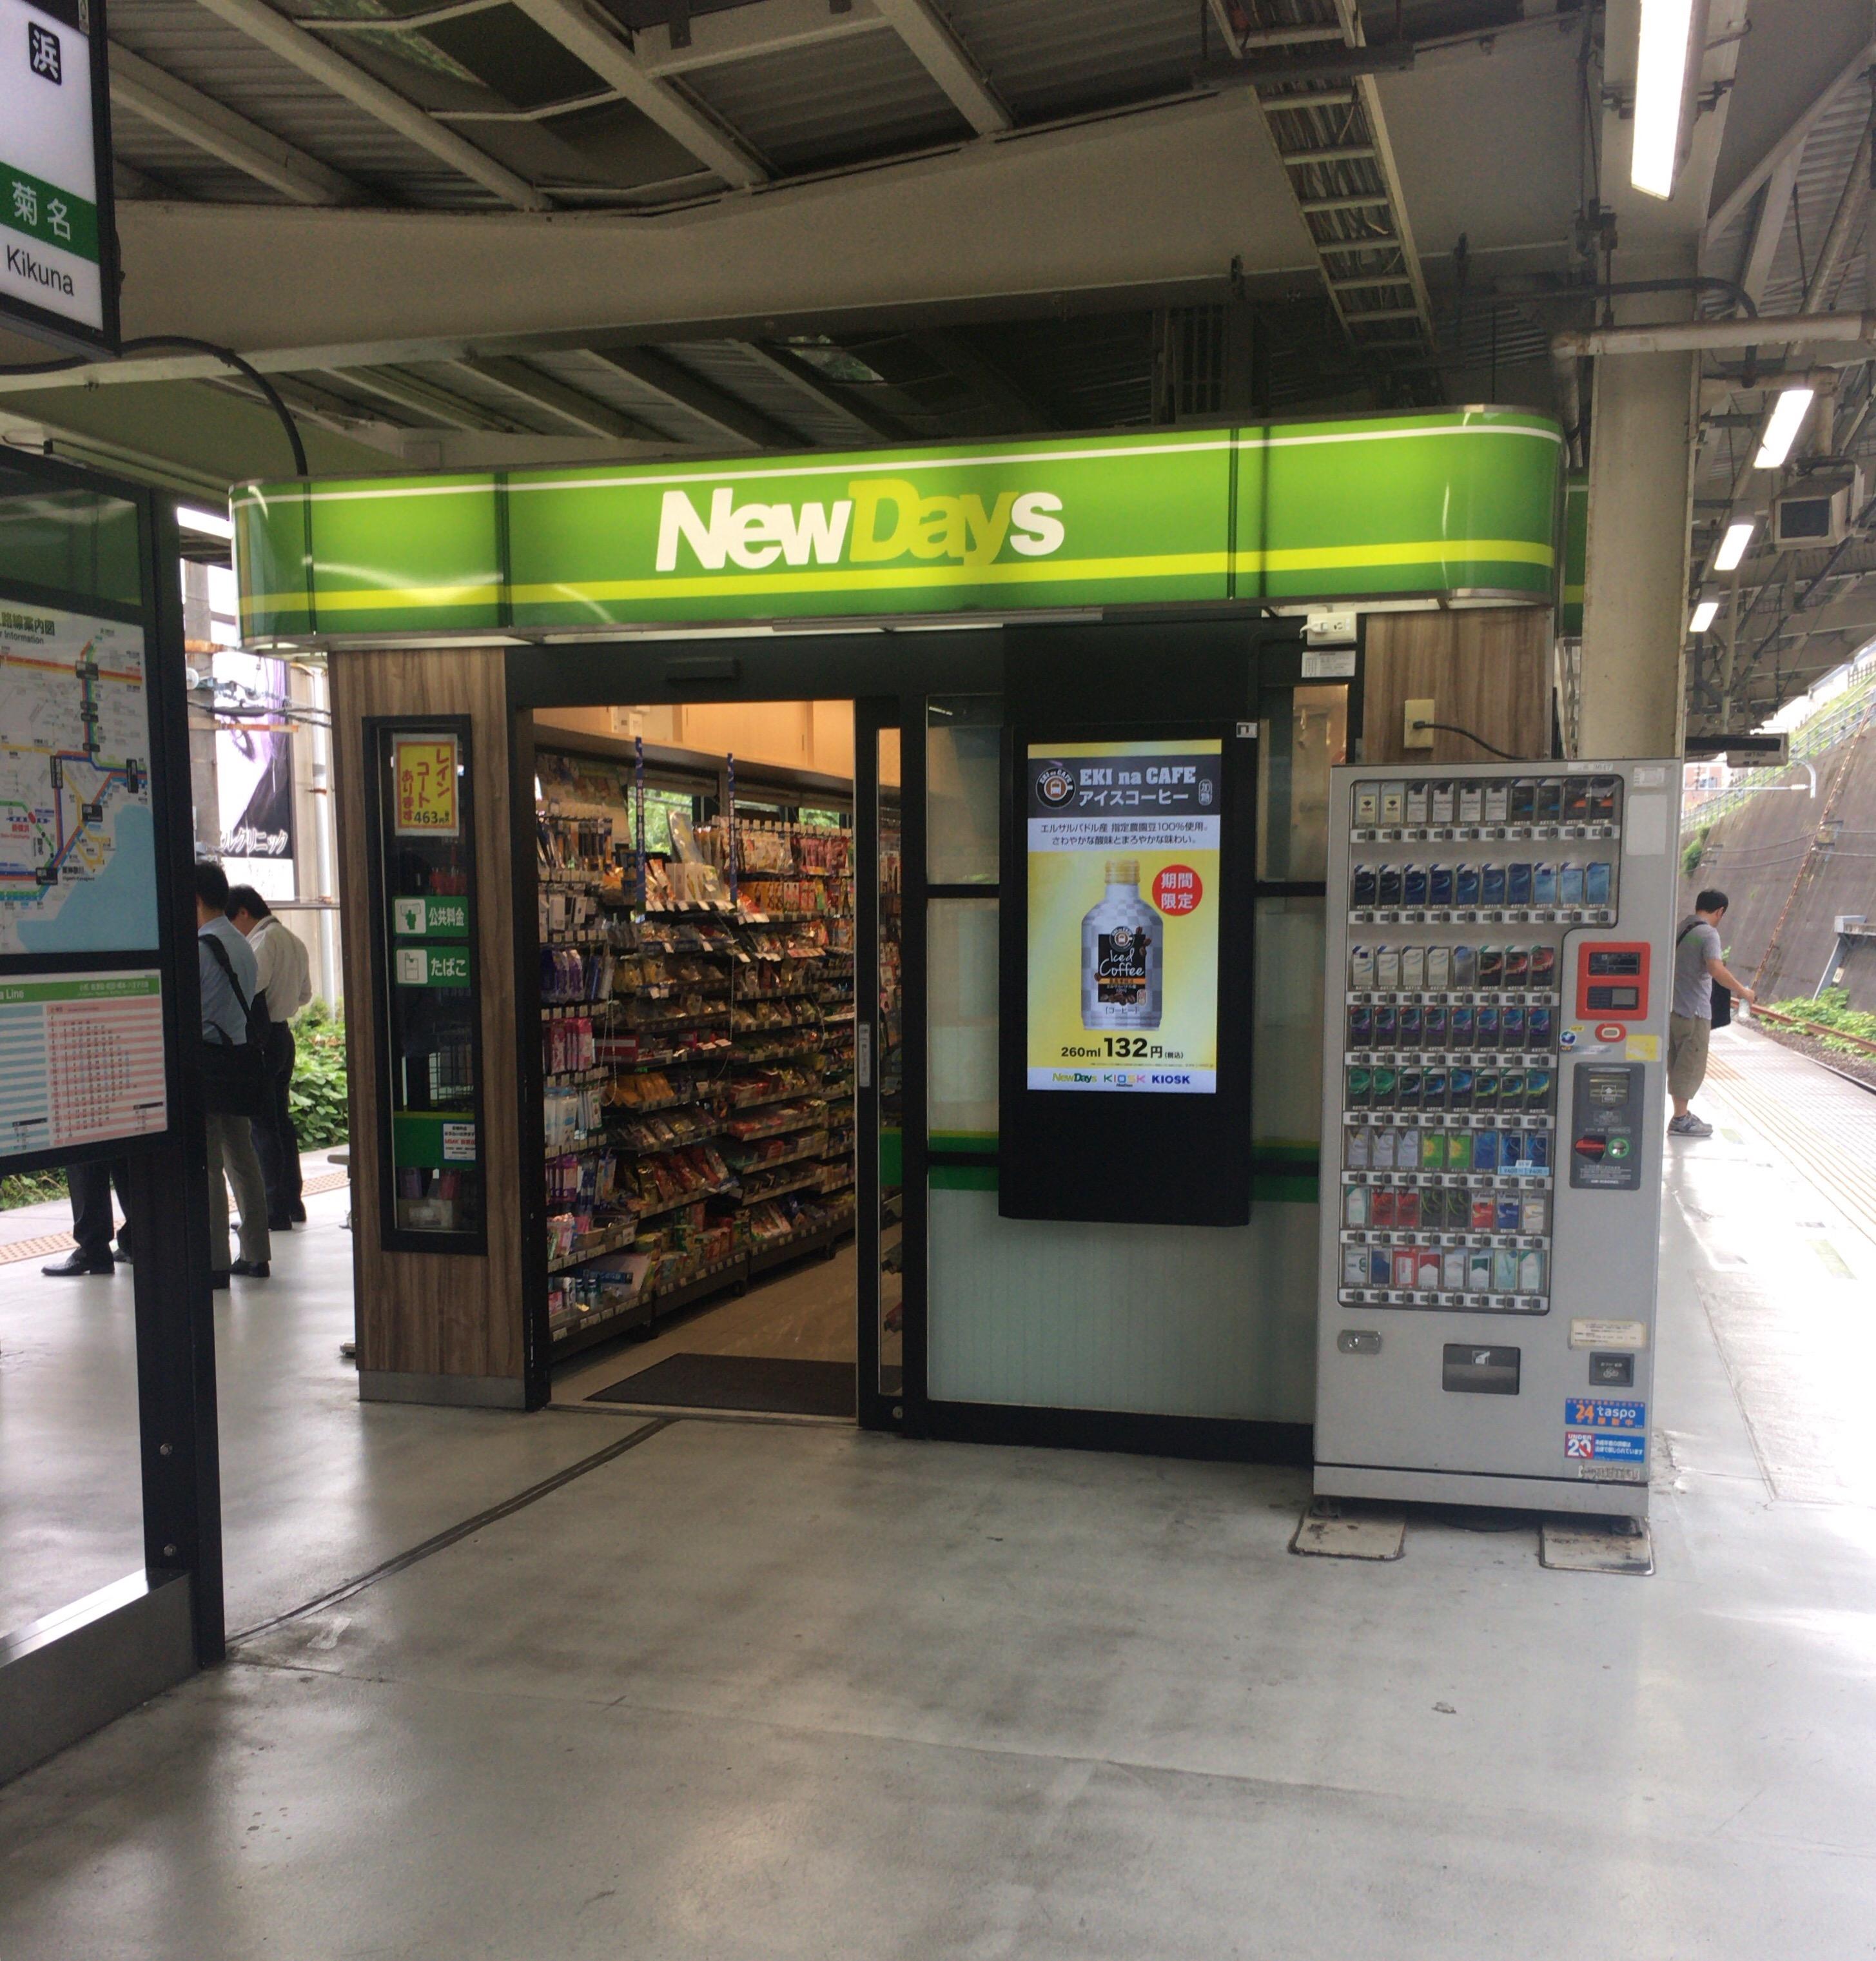 JR新横浜駅乗り換えの混雑を避ける方法